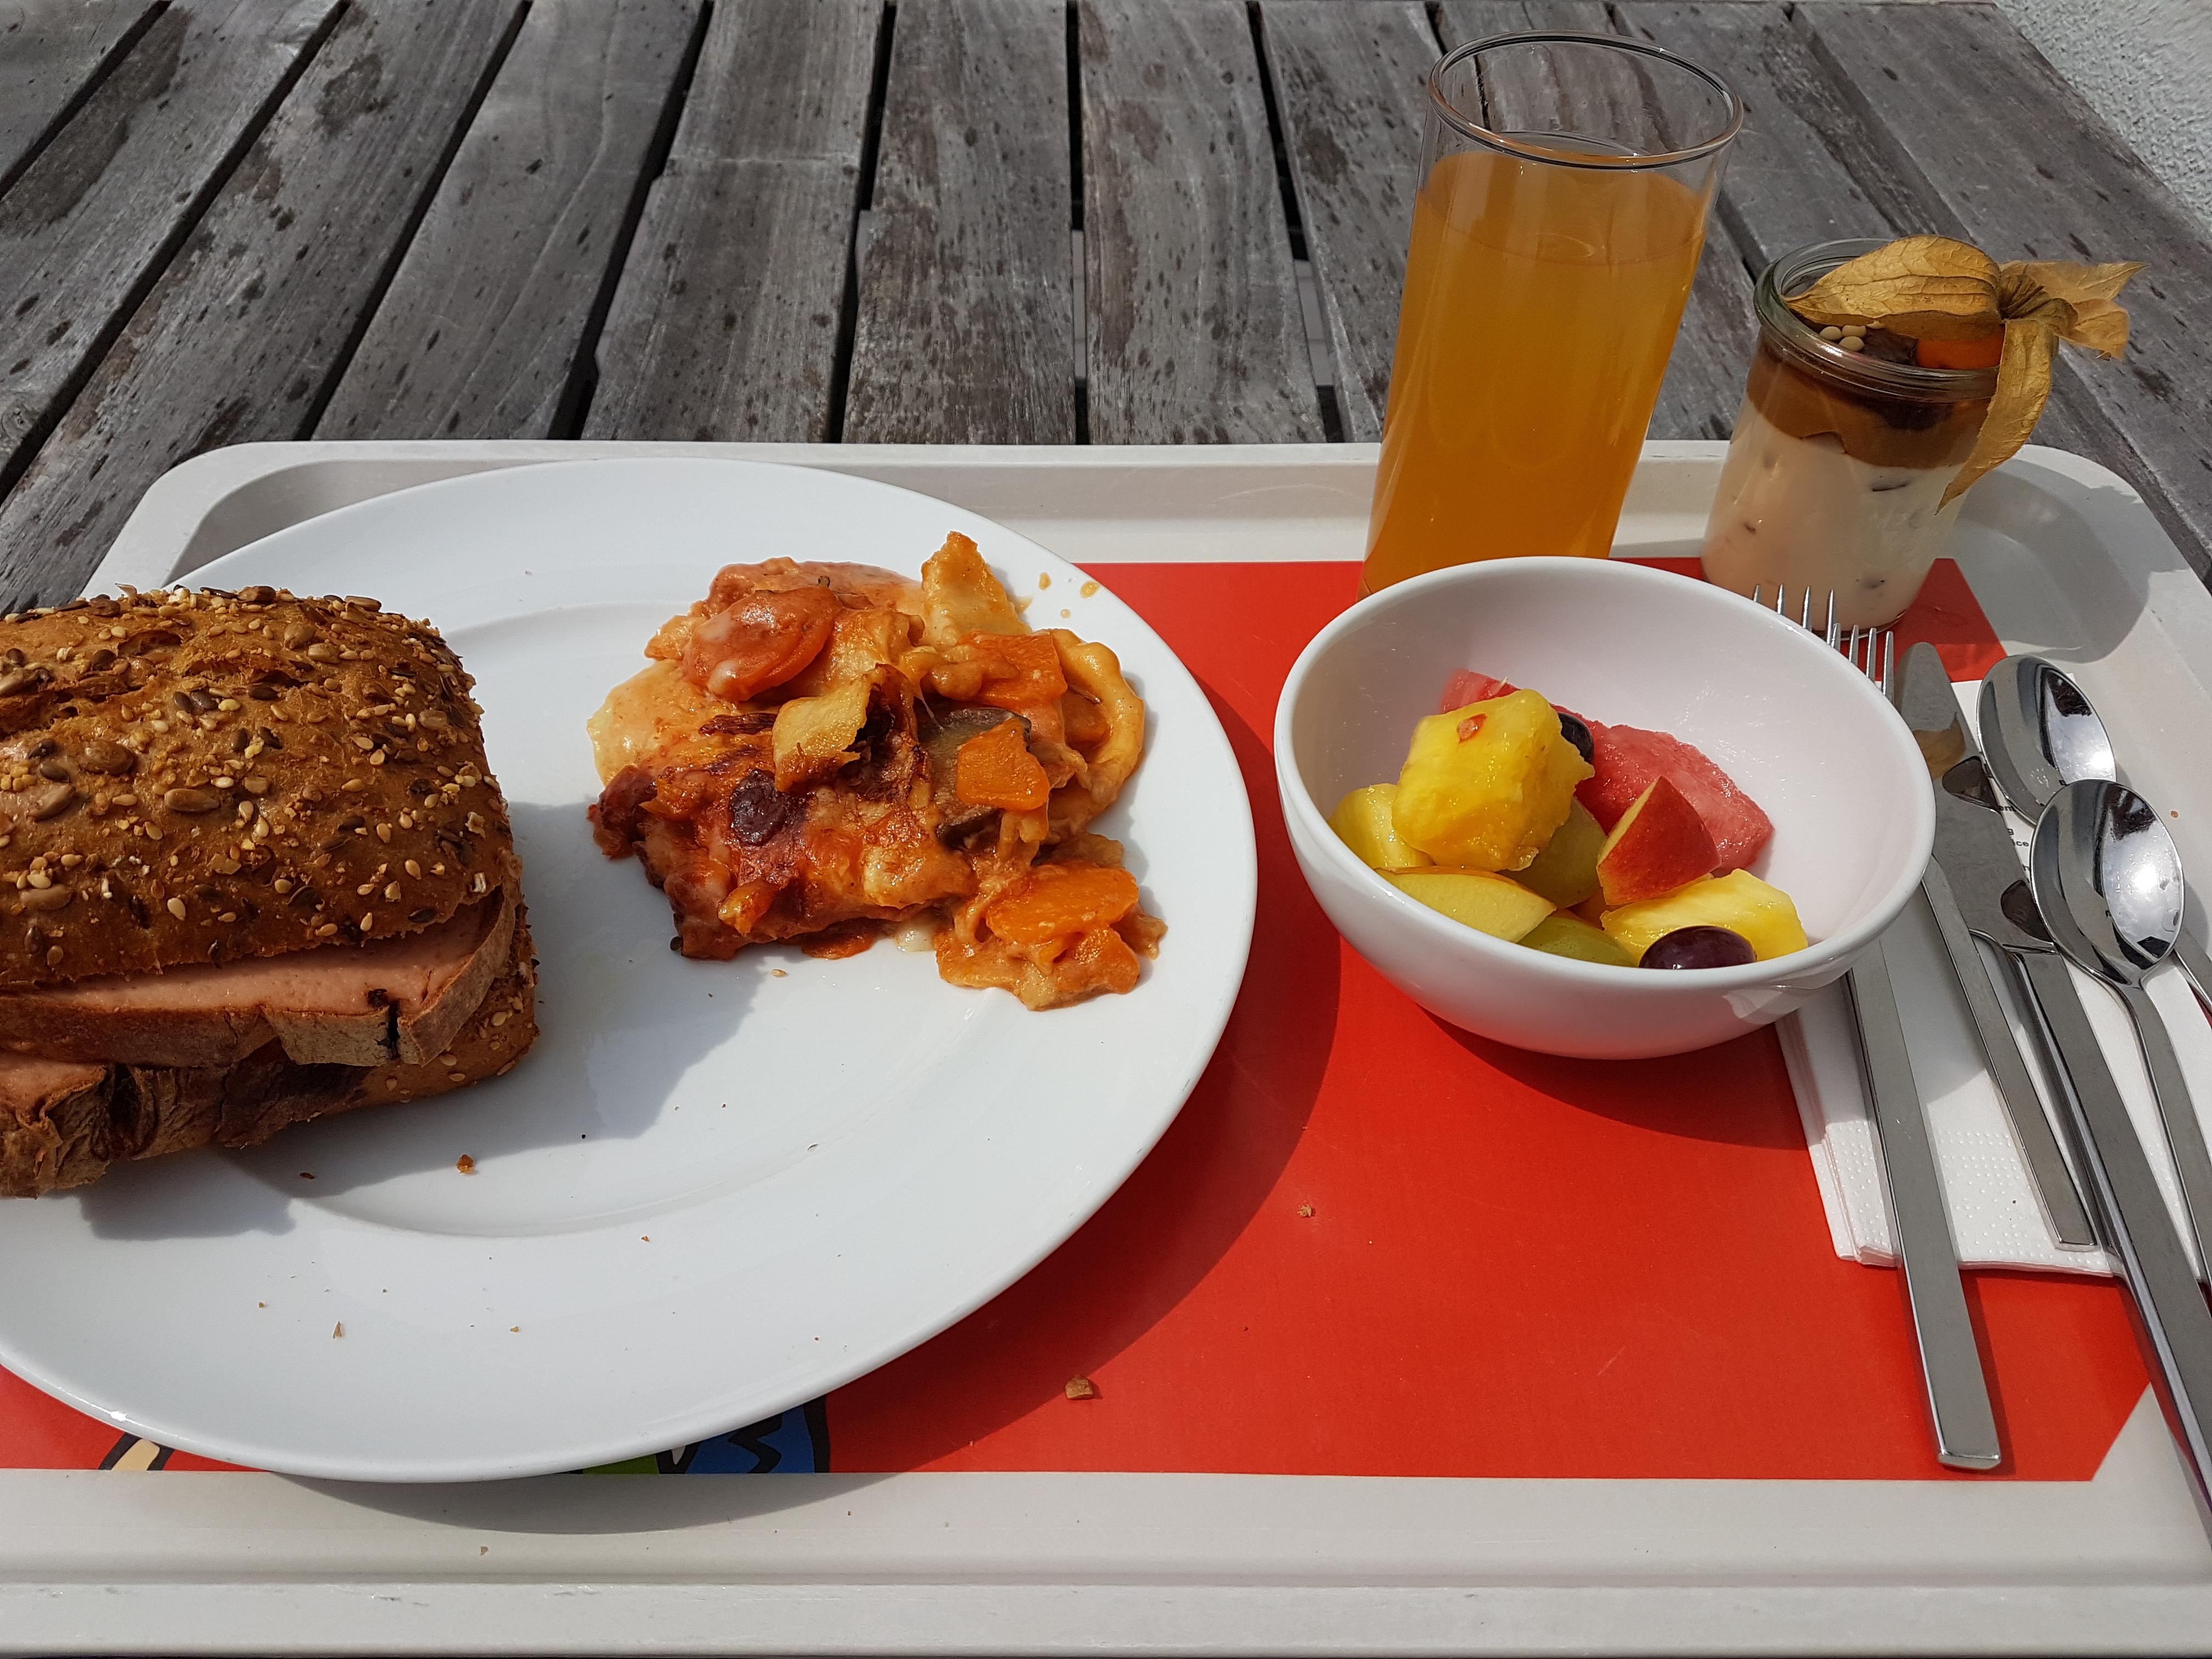 http://foodloader.net/Holz_2017-08-24_Fleischkaesebroetchen.jpg